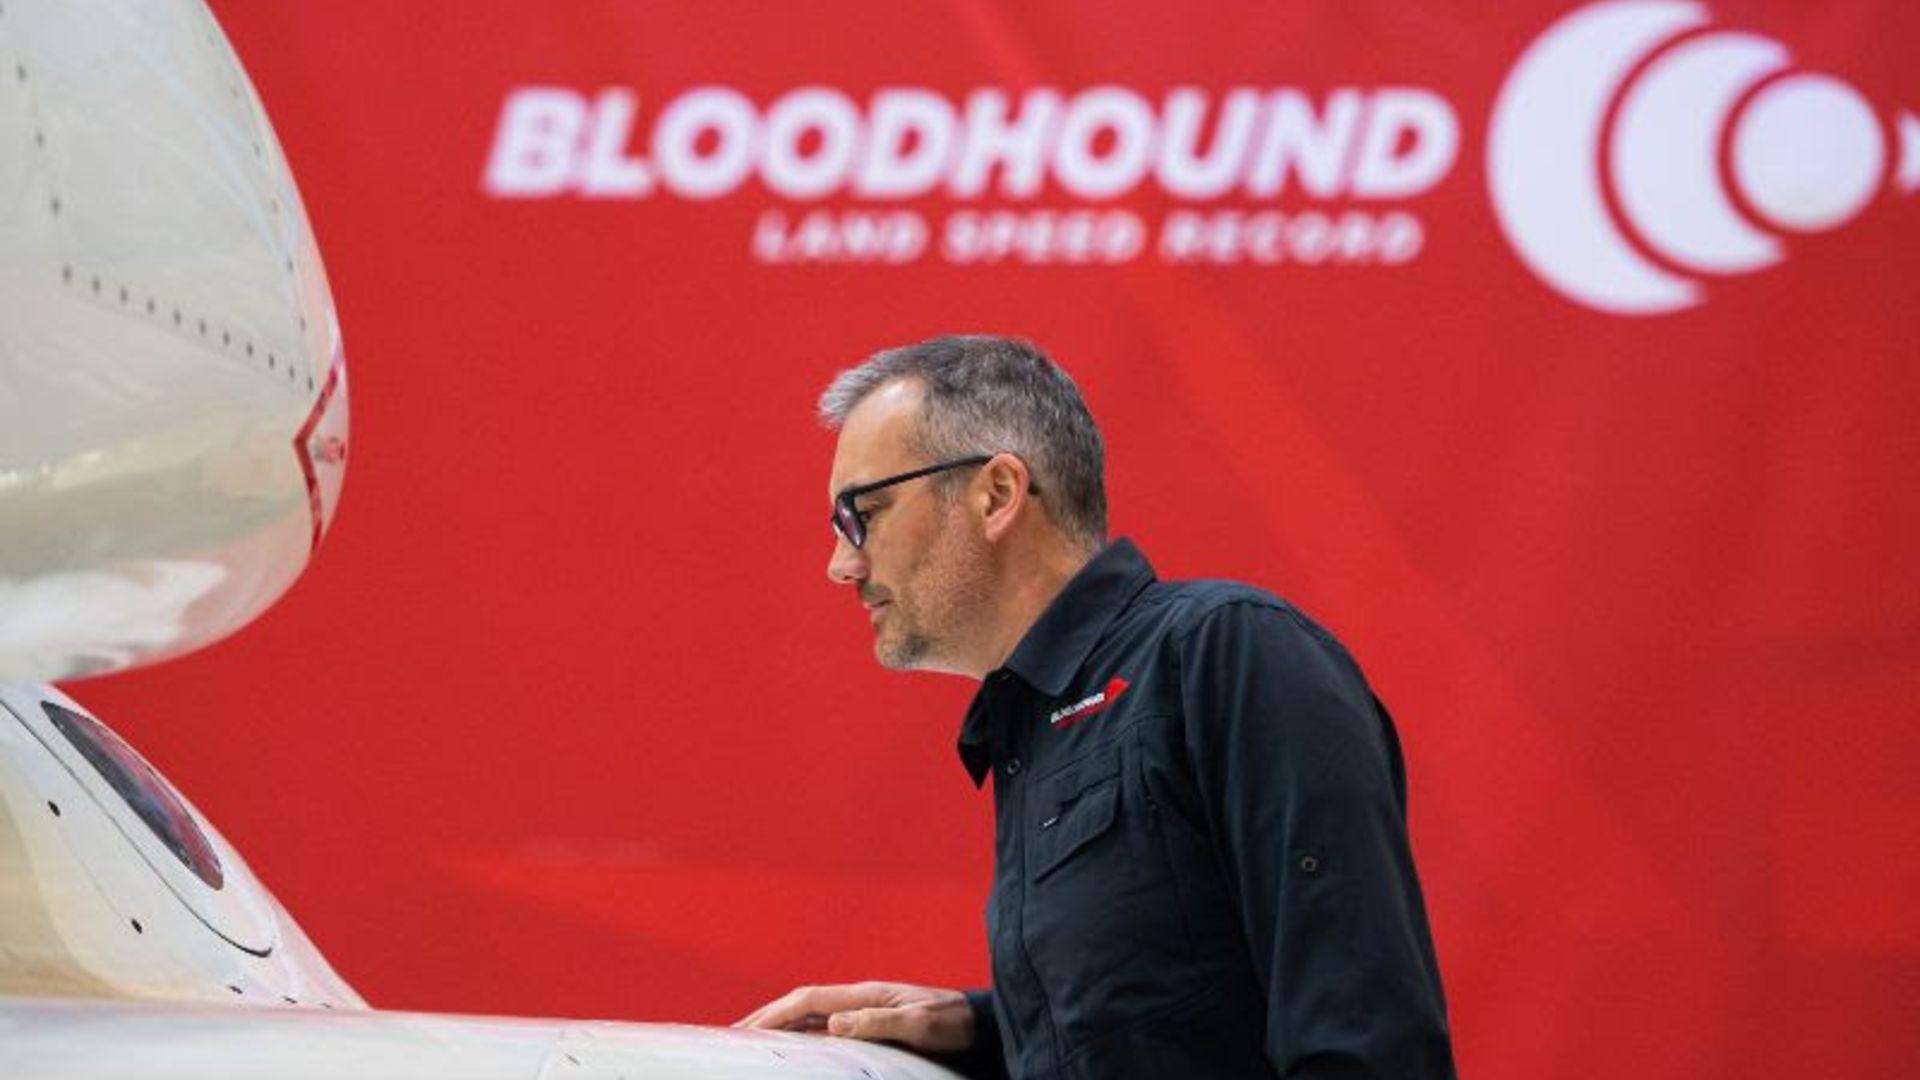 Bloodhound LSR goes zero-emission